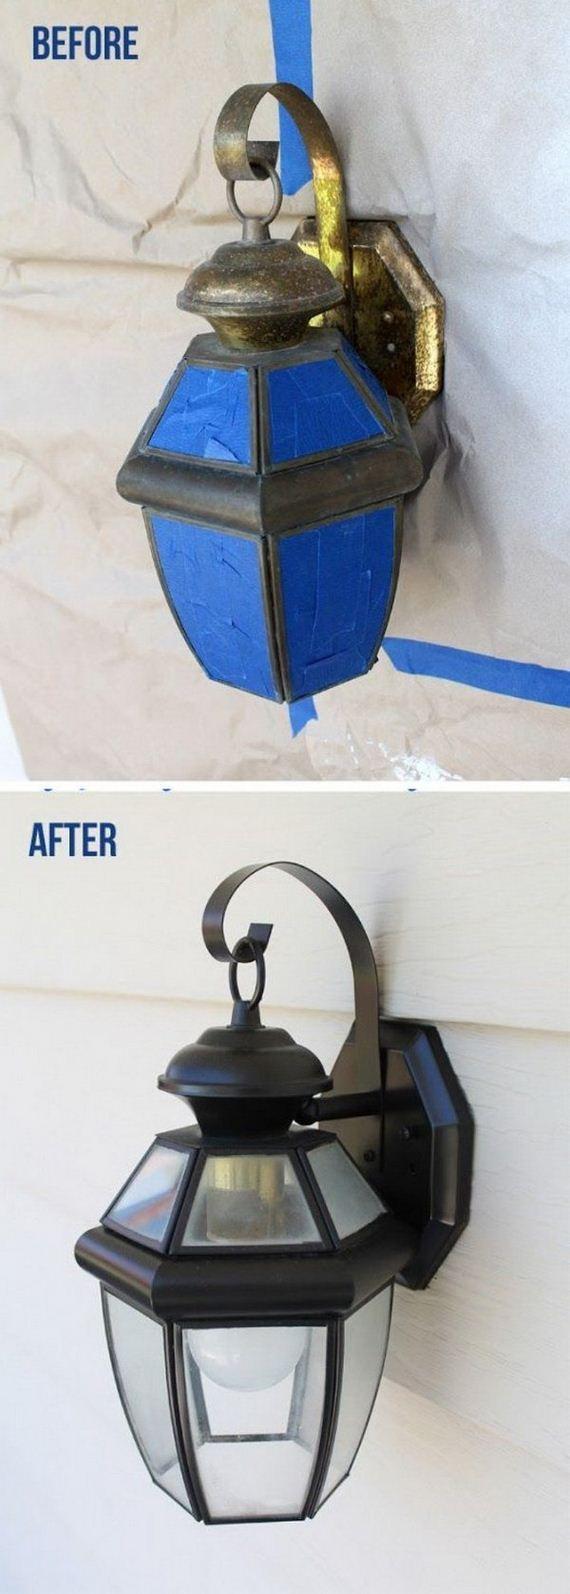 09-spray-paint-ideas